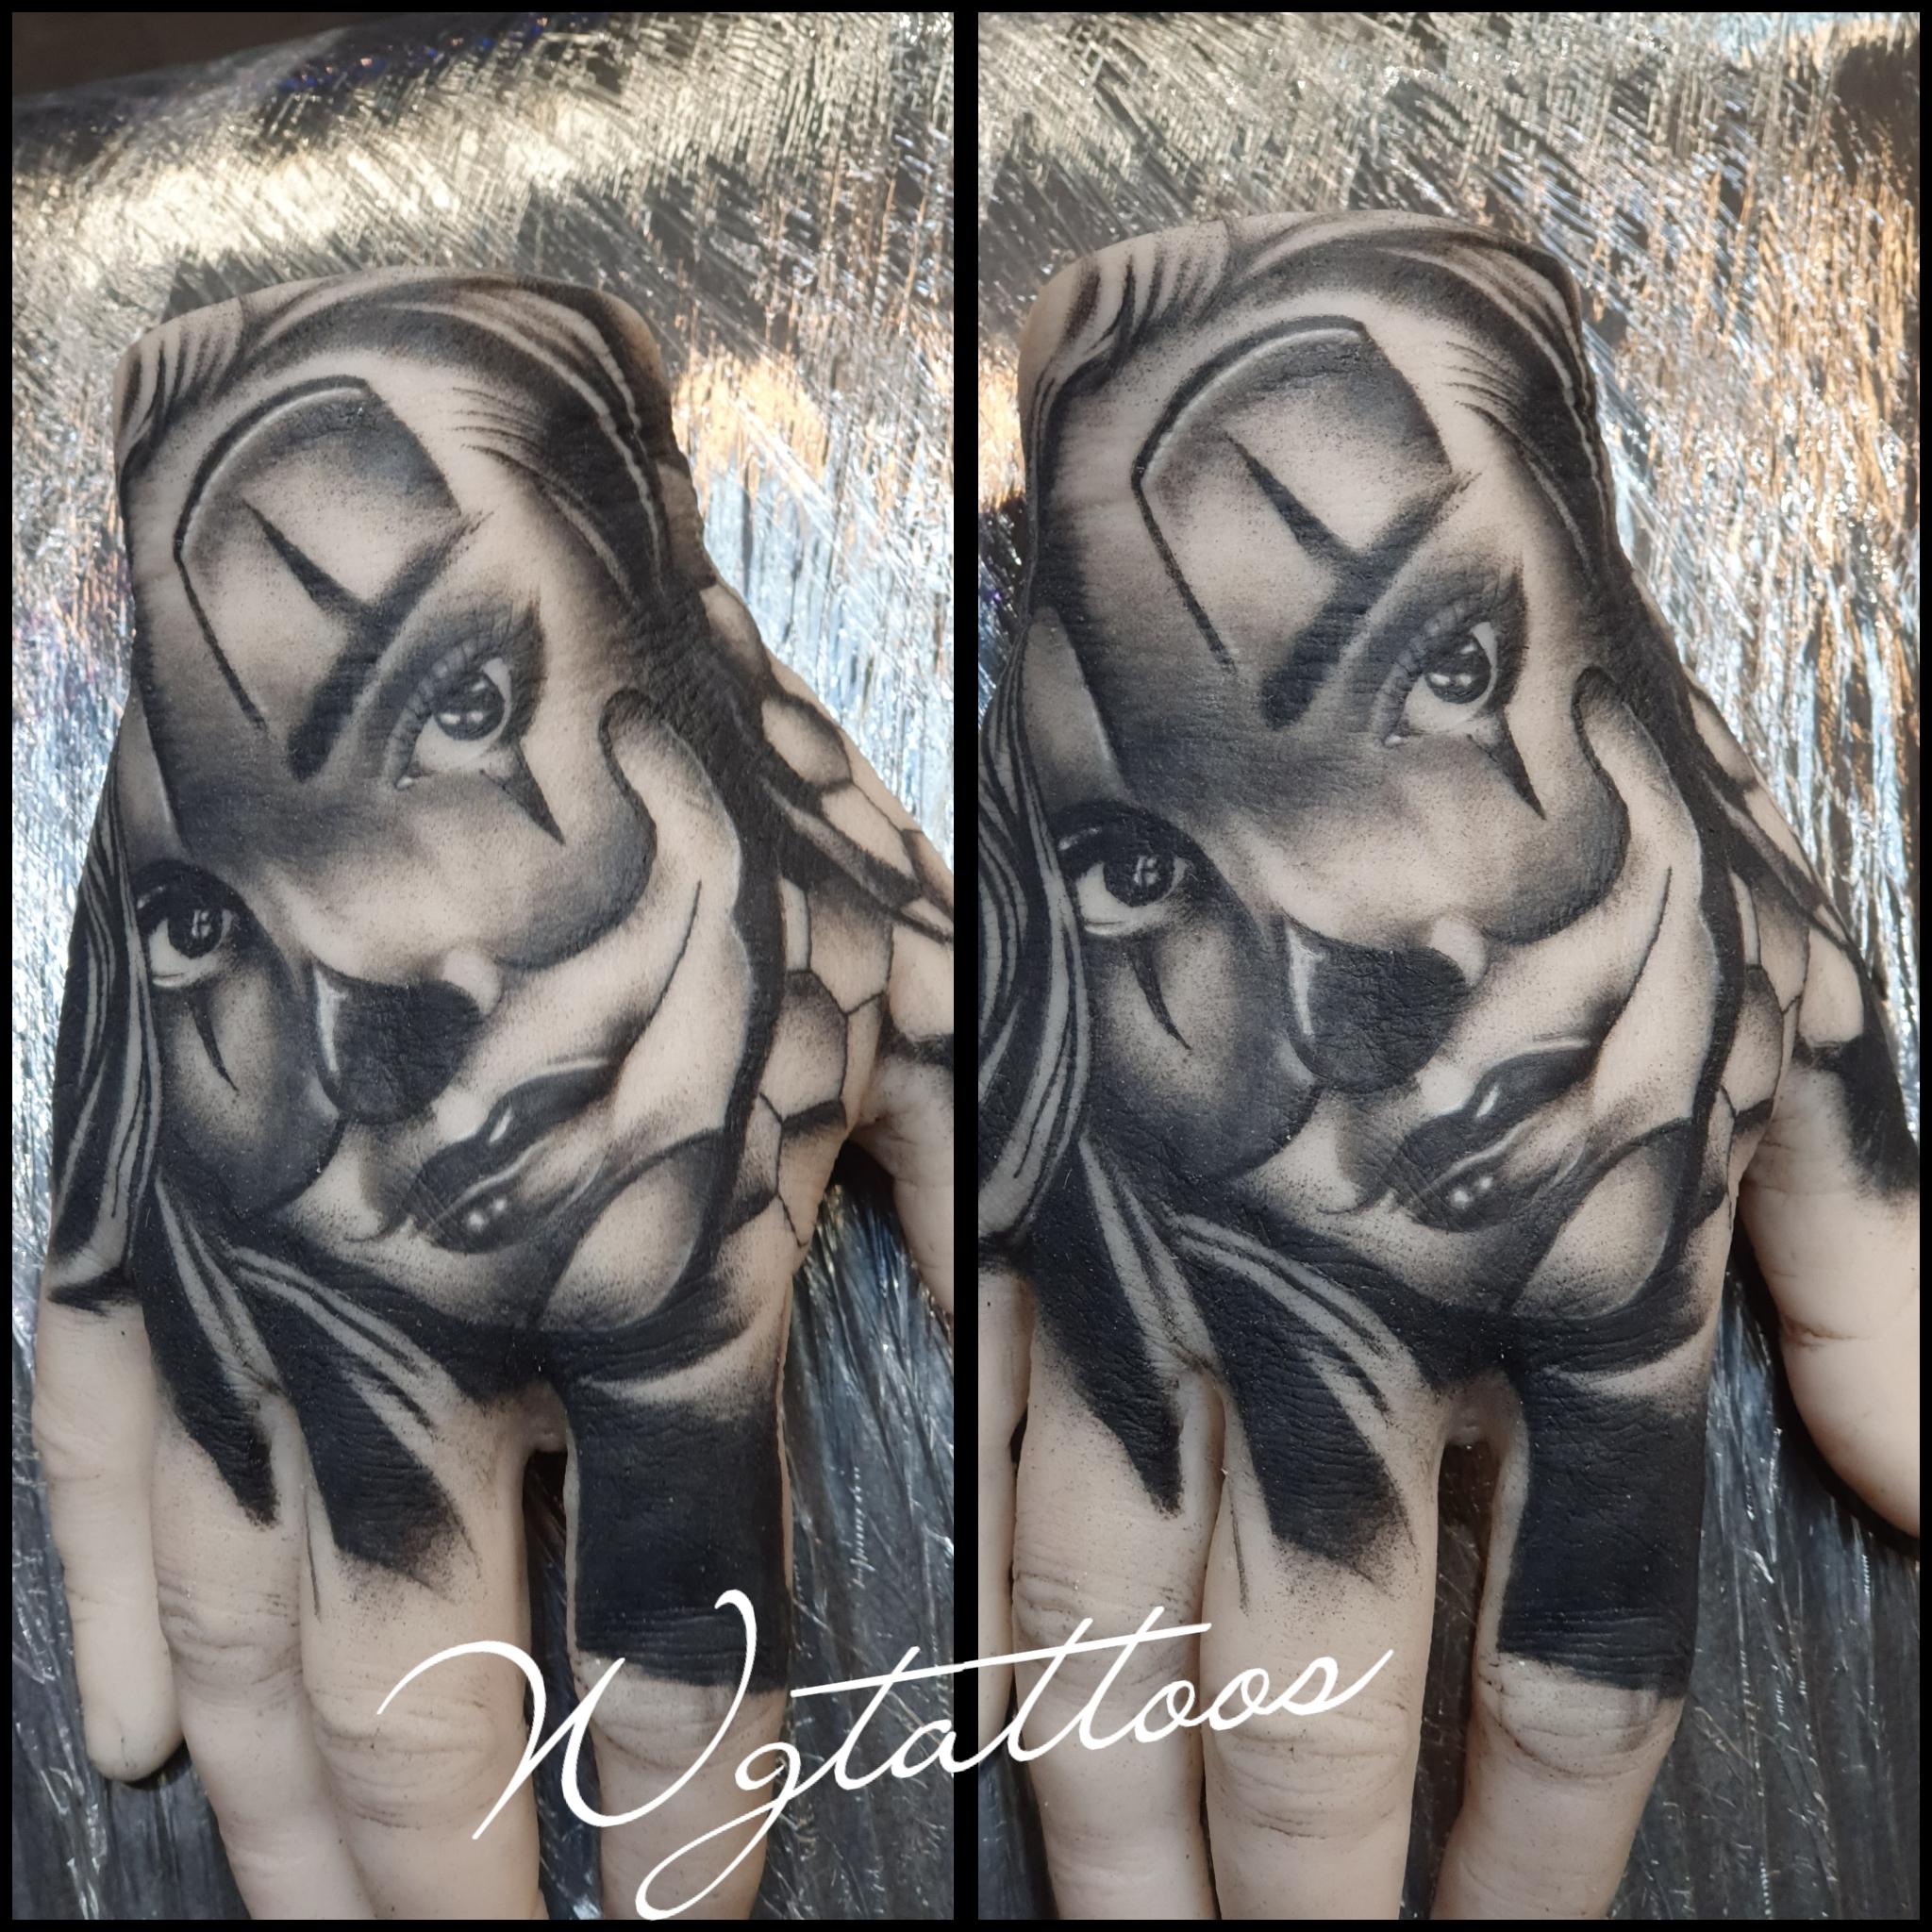 clowngirl tattoo